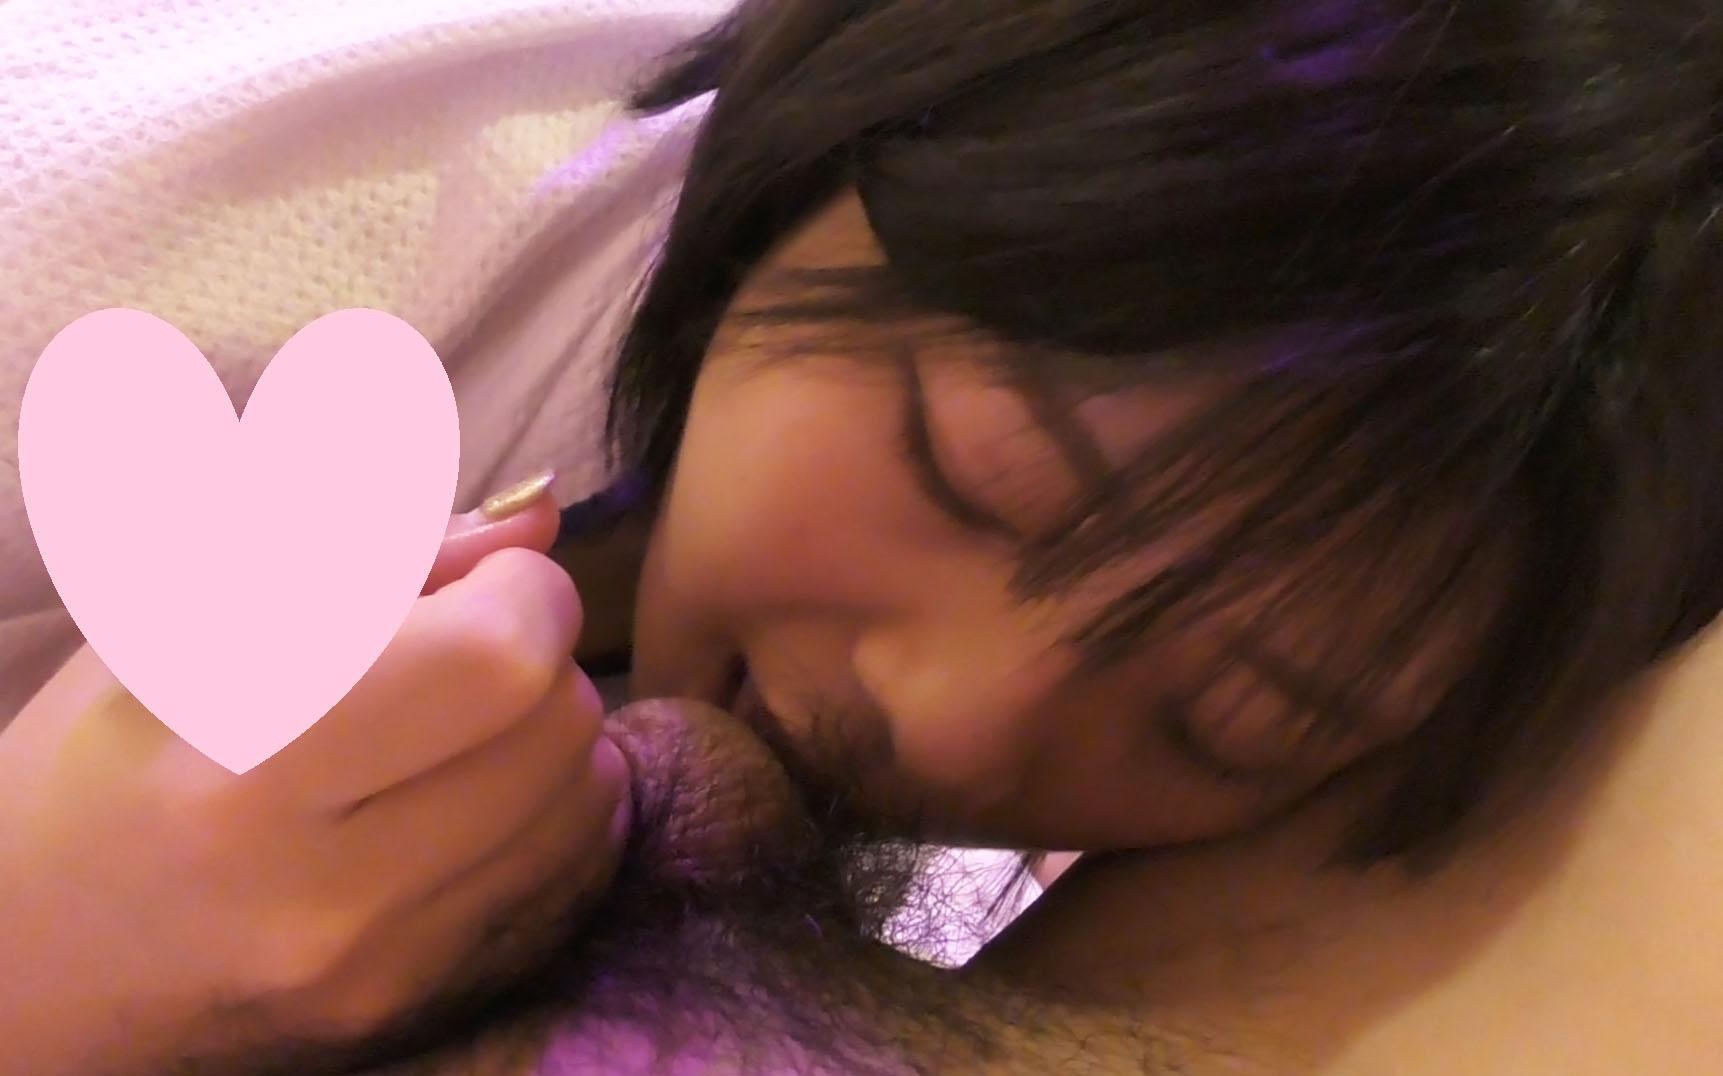 【個人撮影】20才の完全素人のフェラ!口内発射!